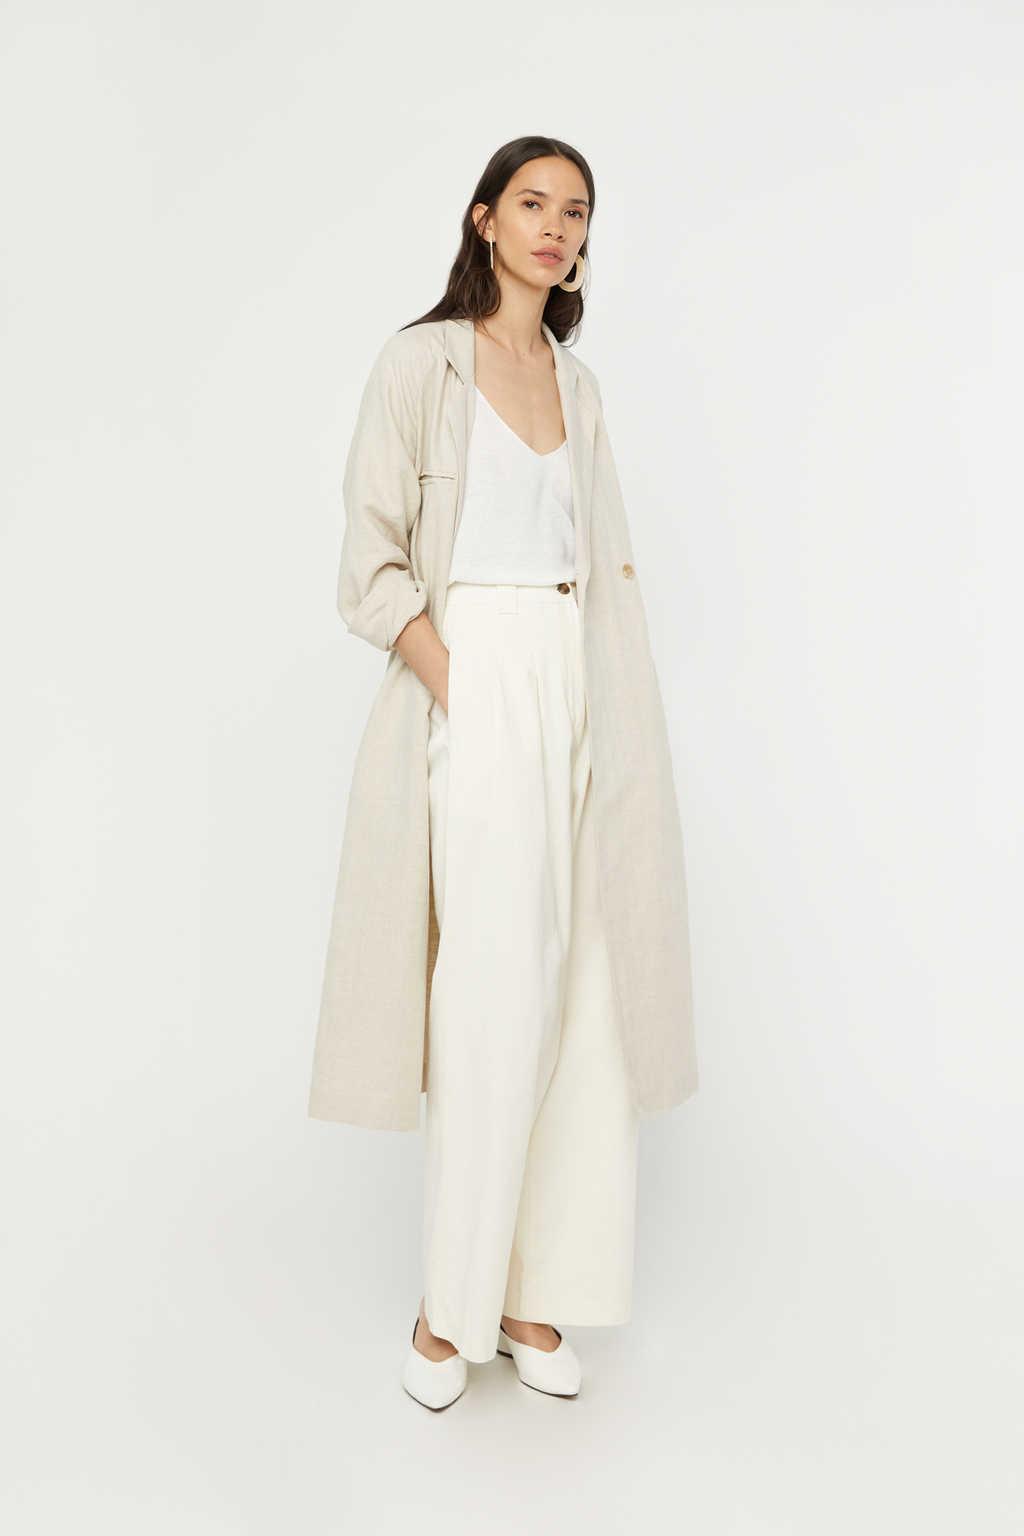 Coat K001 Beige 1